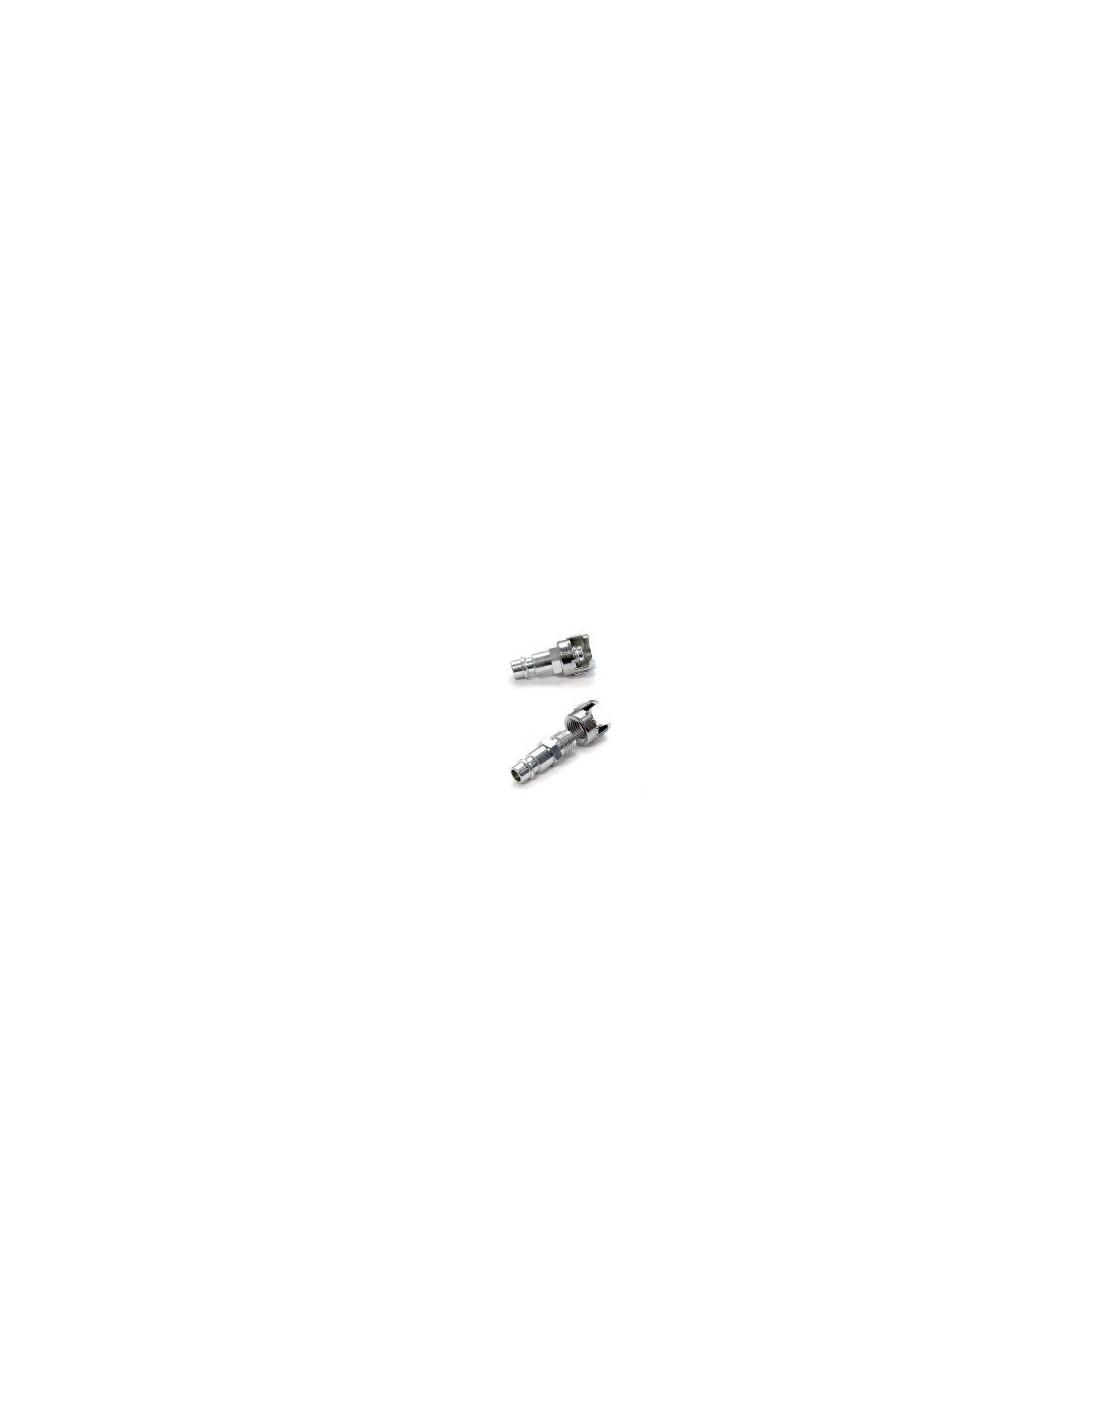 """VKM00947 - Koppling för kompressor Leonardo (M1/4"""")"""